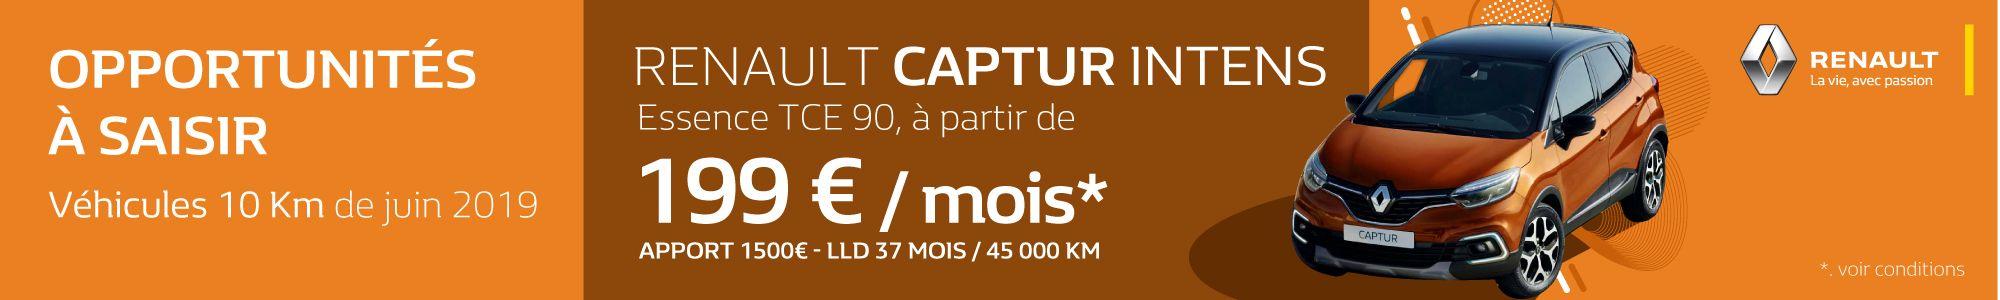 autothivolle-Captur-Loyer-08-19.jpg